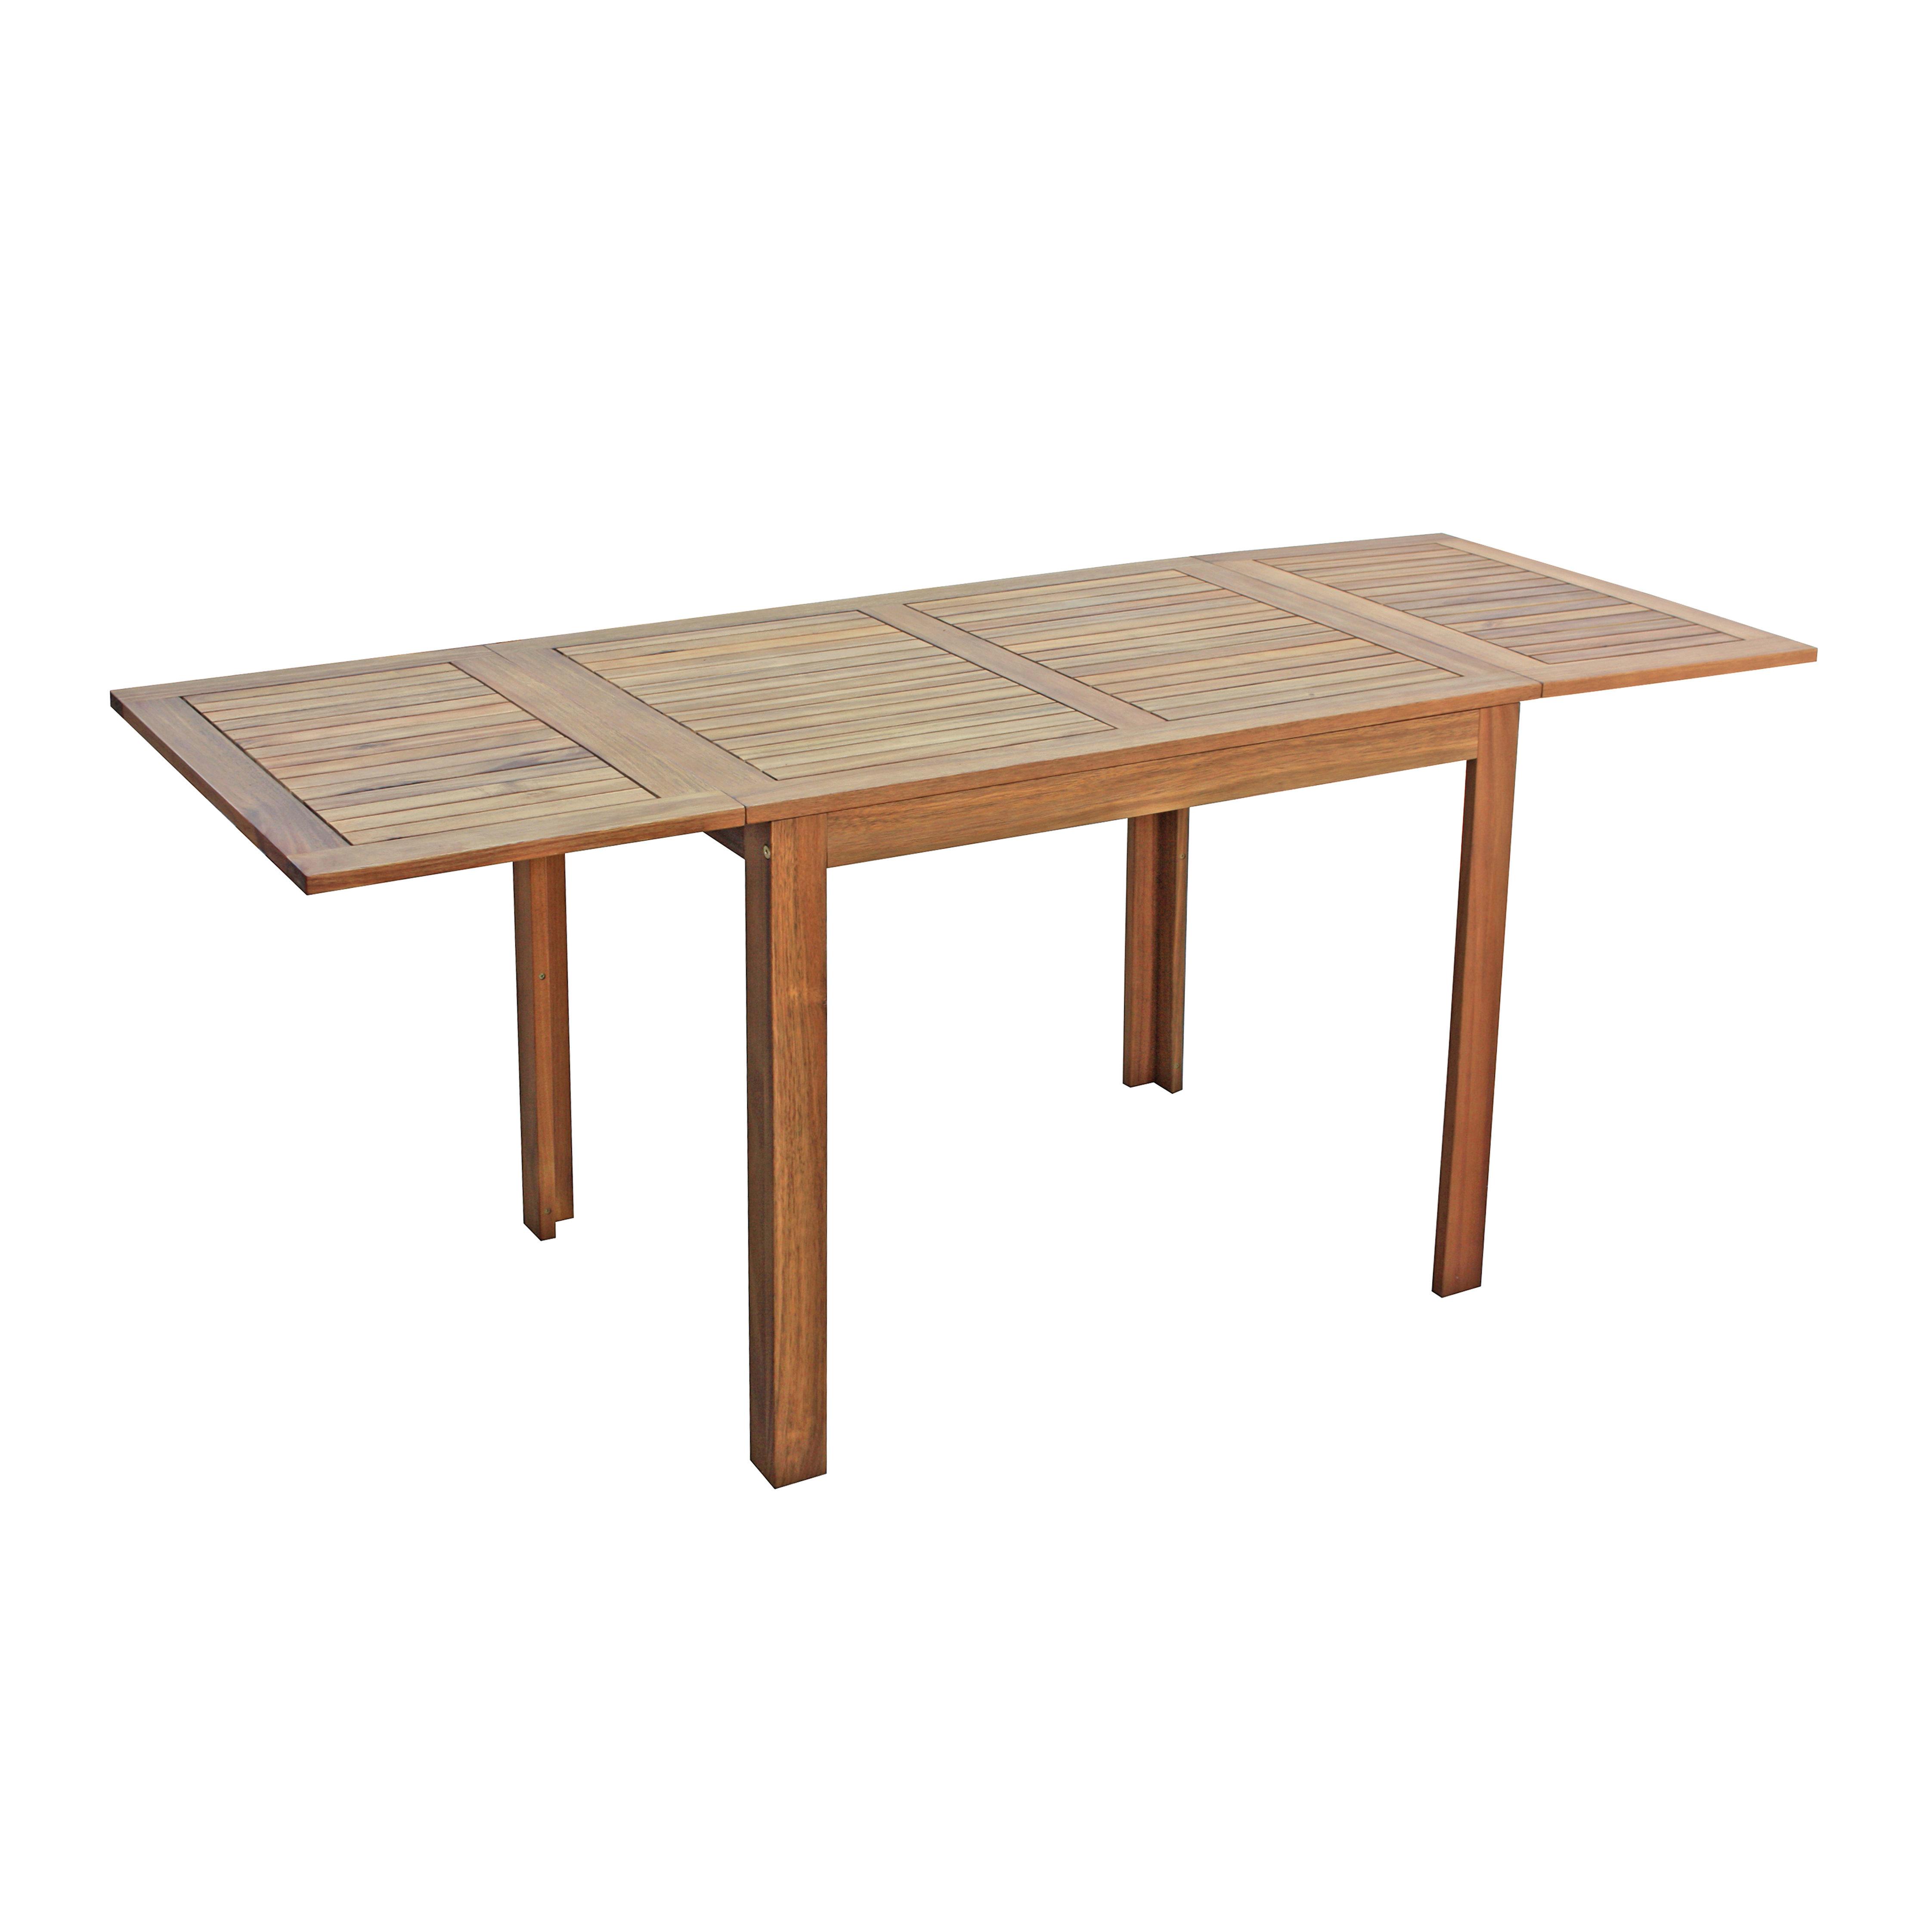 Tavolo Fai Da Te Allungabile.Tavolo Da Giardino Allungabile Rettangolare Naterial Con Piano In